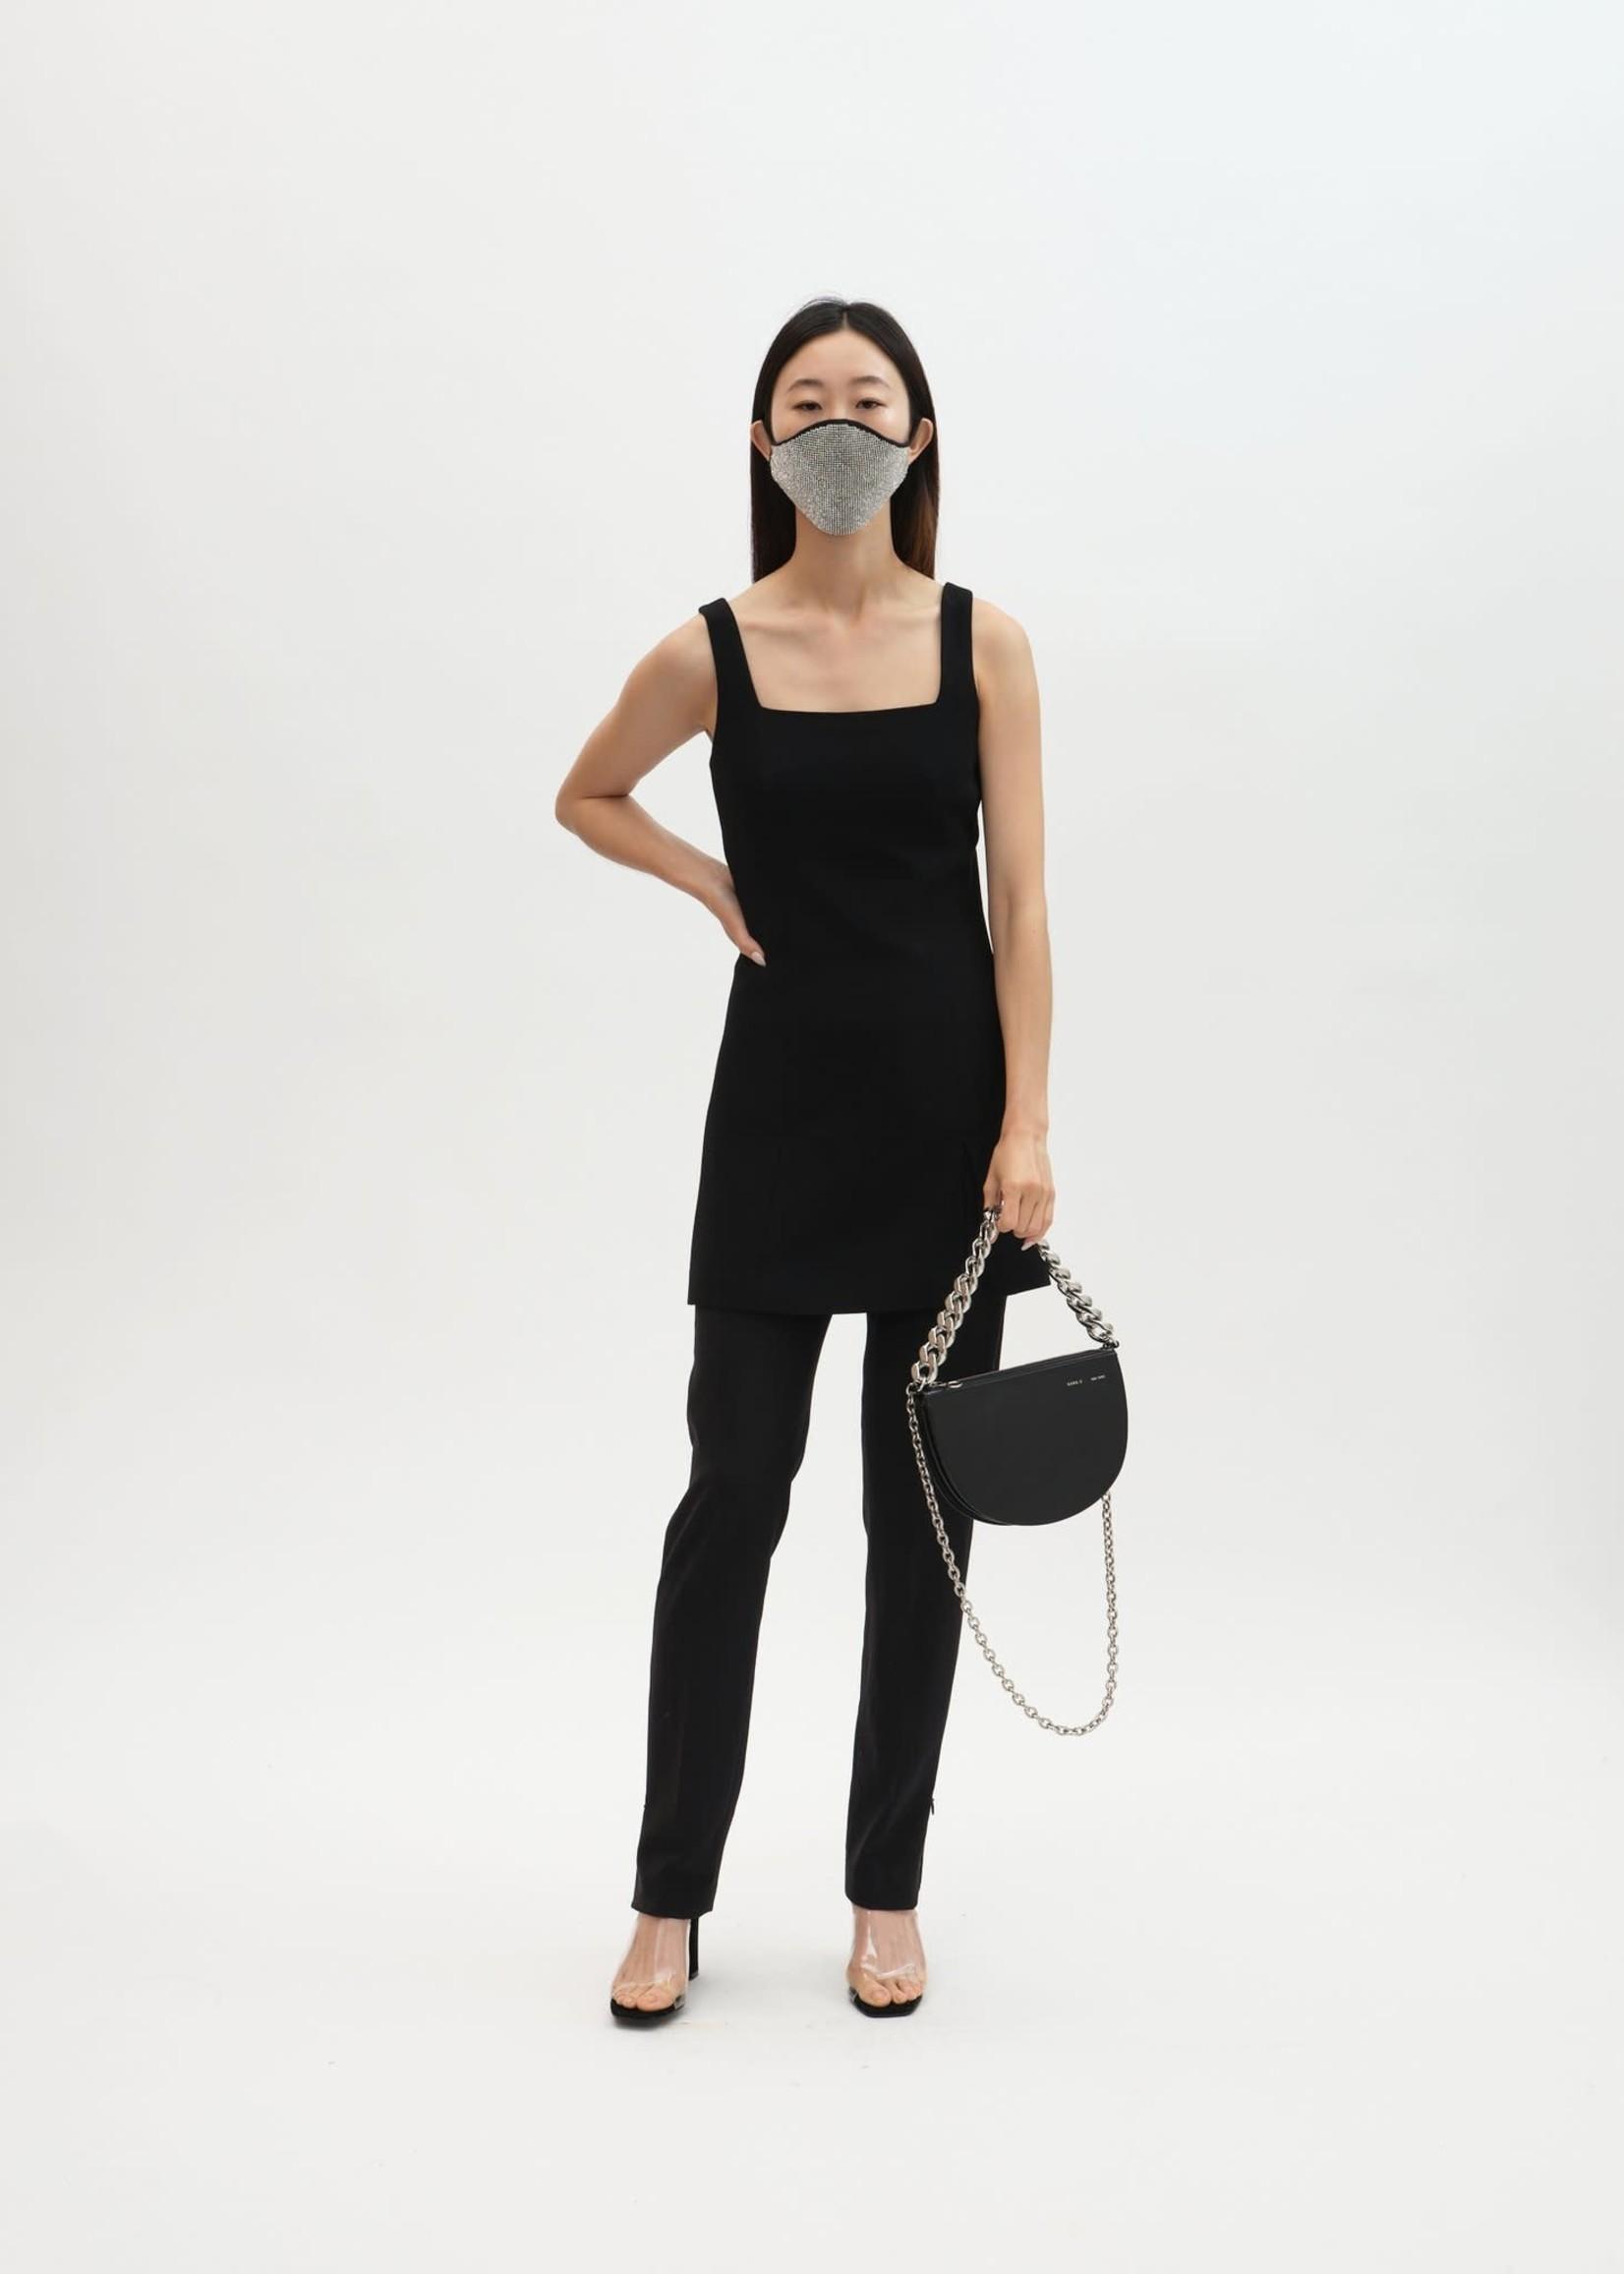 KARA Starfruit Bag in Black